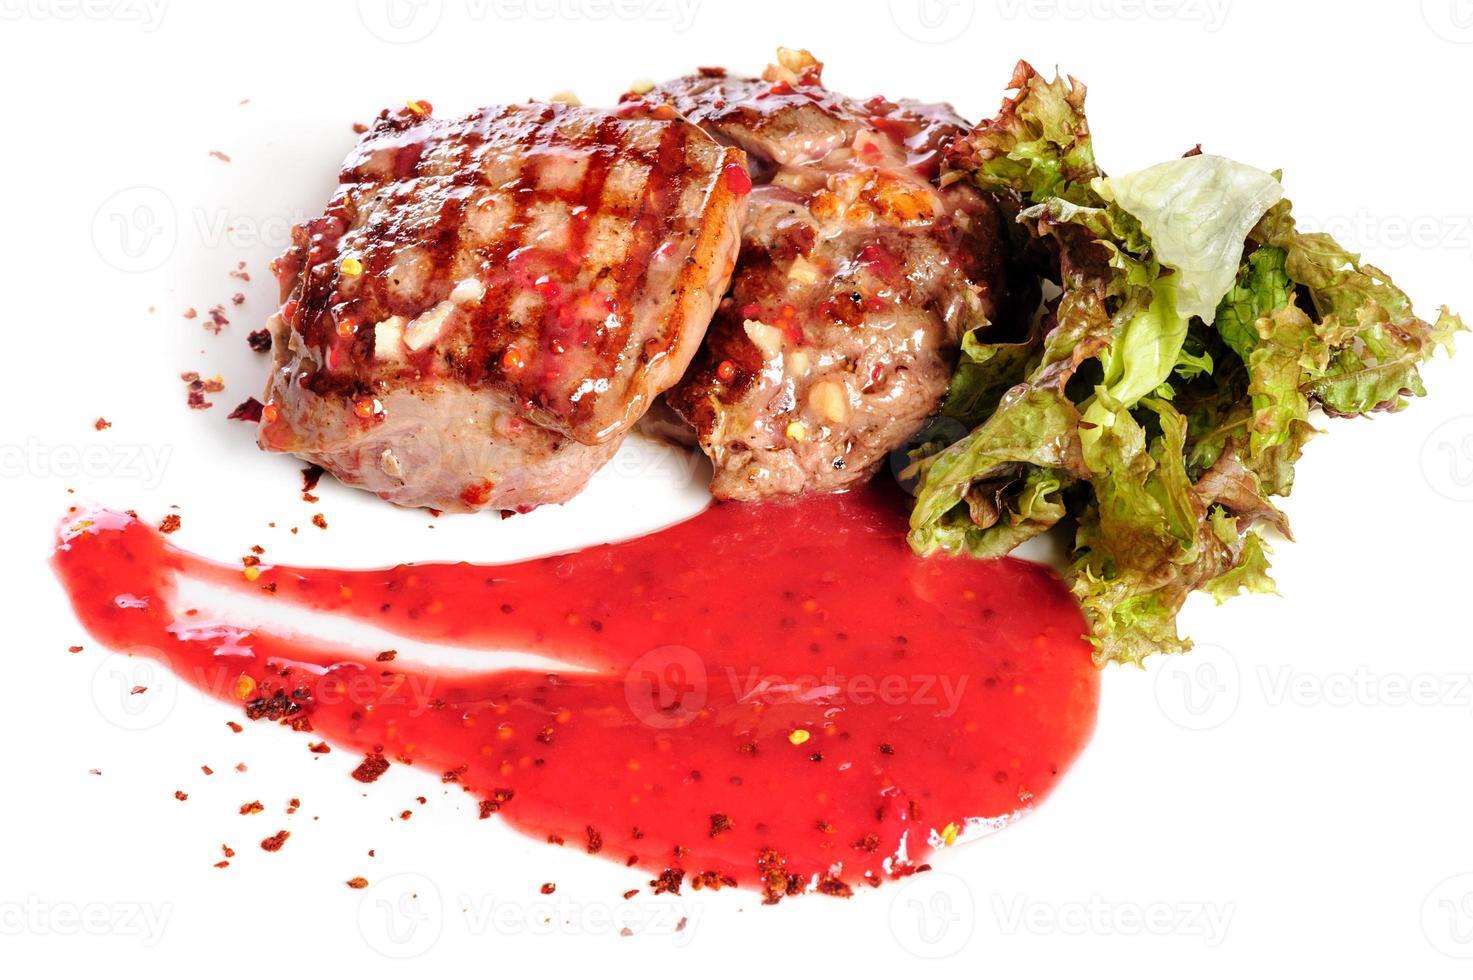 Gegrillte Steaks und Gemüsesalat foto